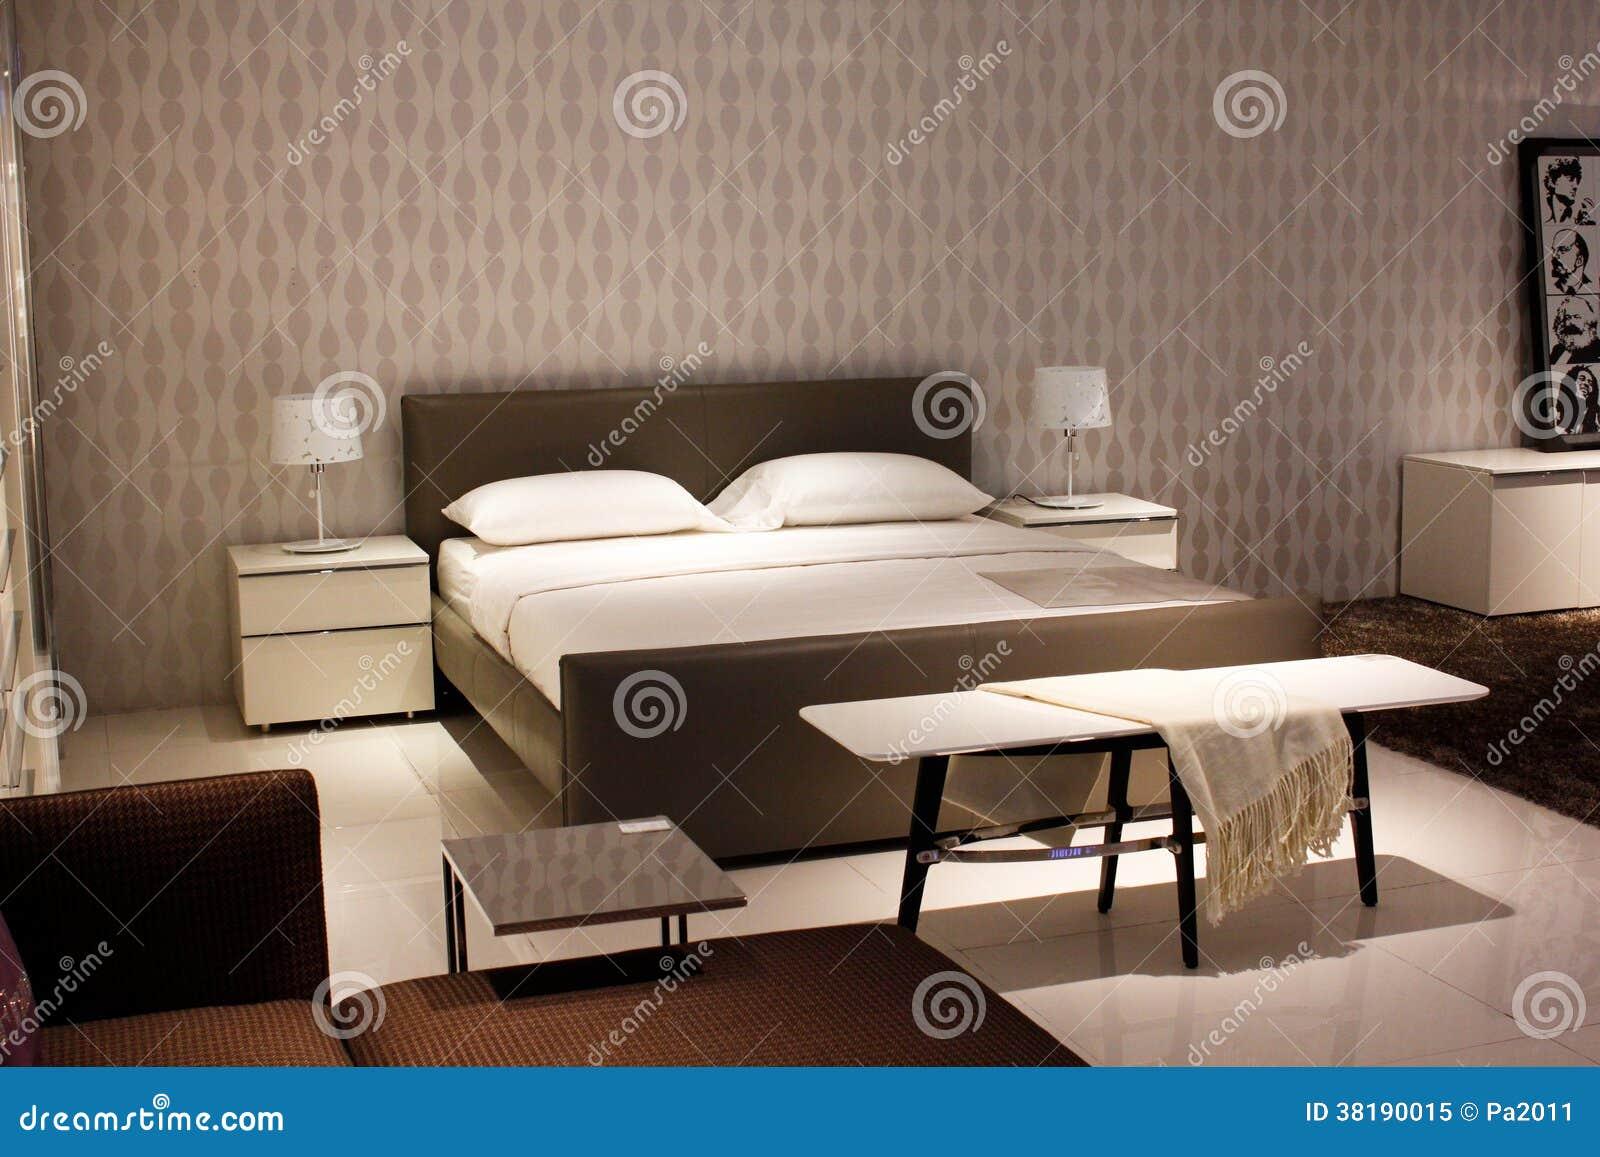 Meuble Chambre A Coucher Contemporain # Meuble Pour Chambre A Couche